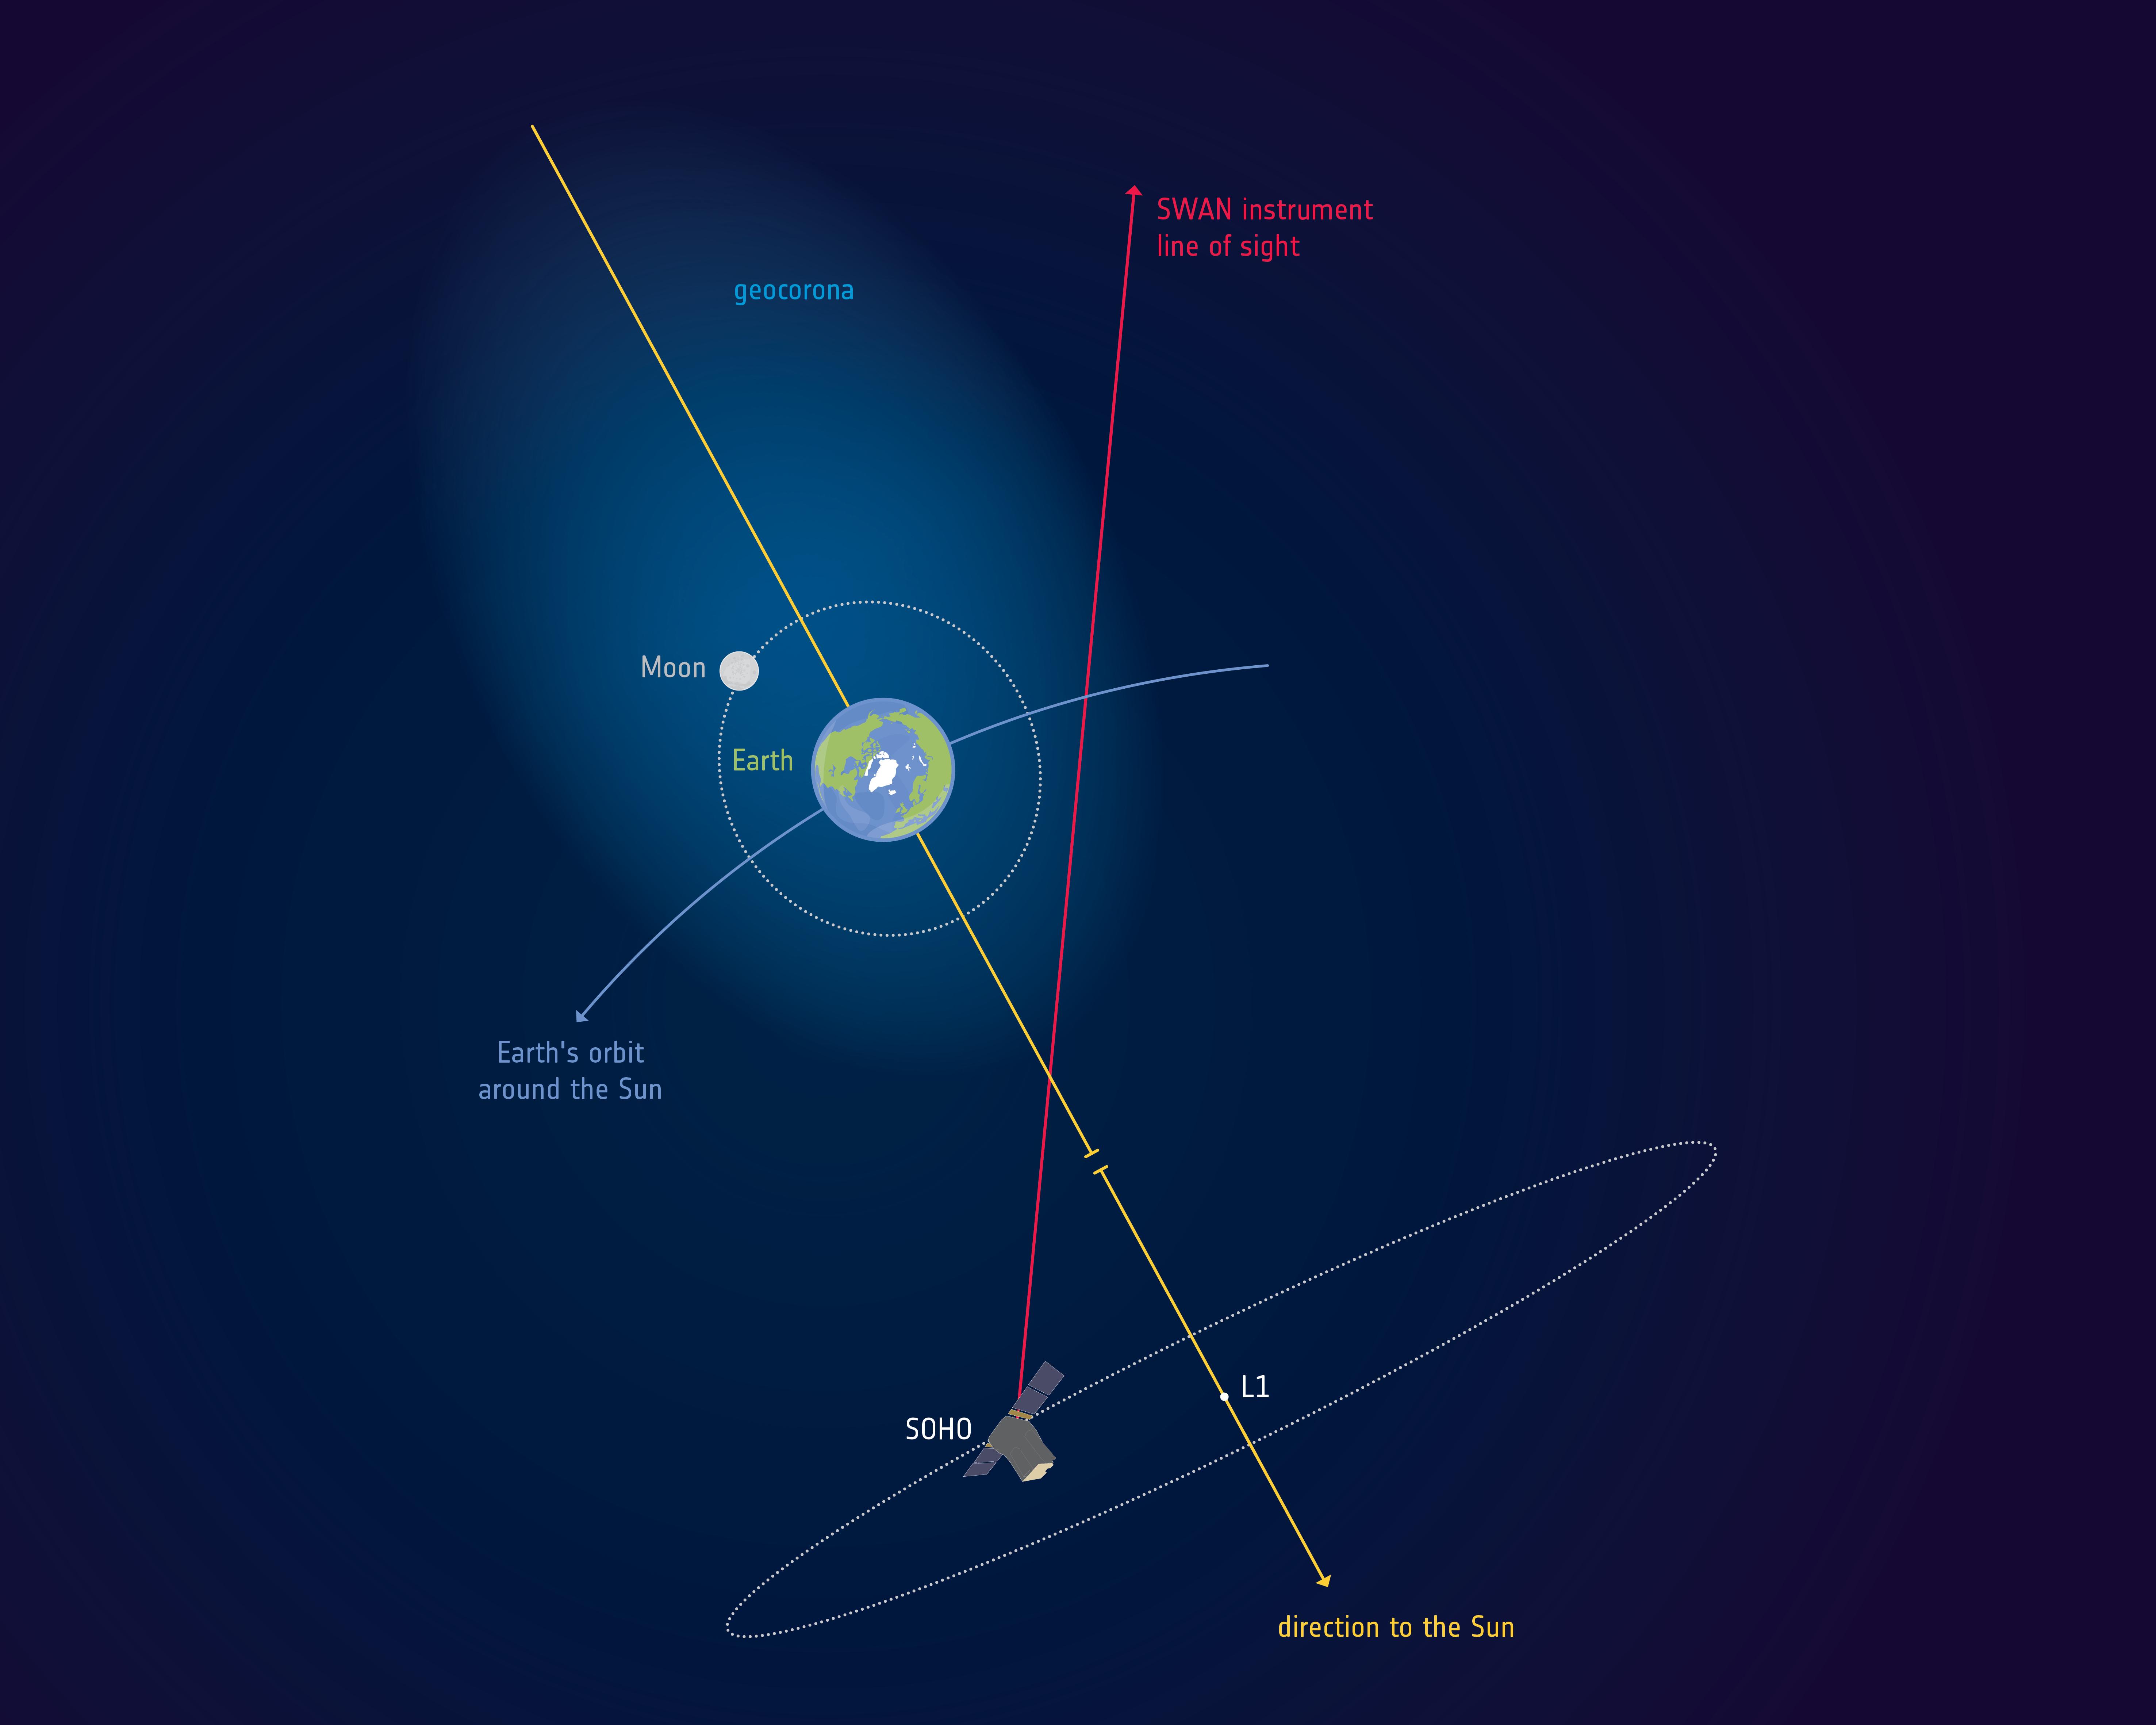 1567213732514-ESA_SOHO_Earth_geocorona_extent.jpg